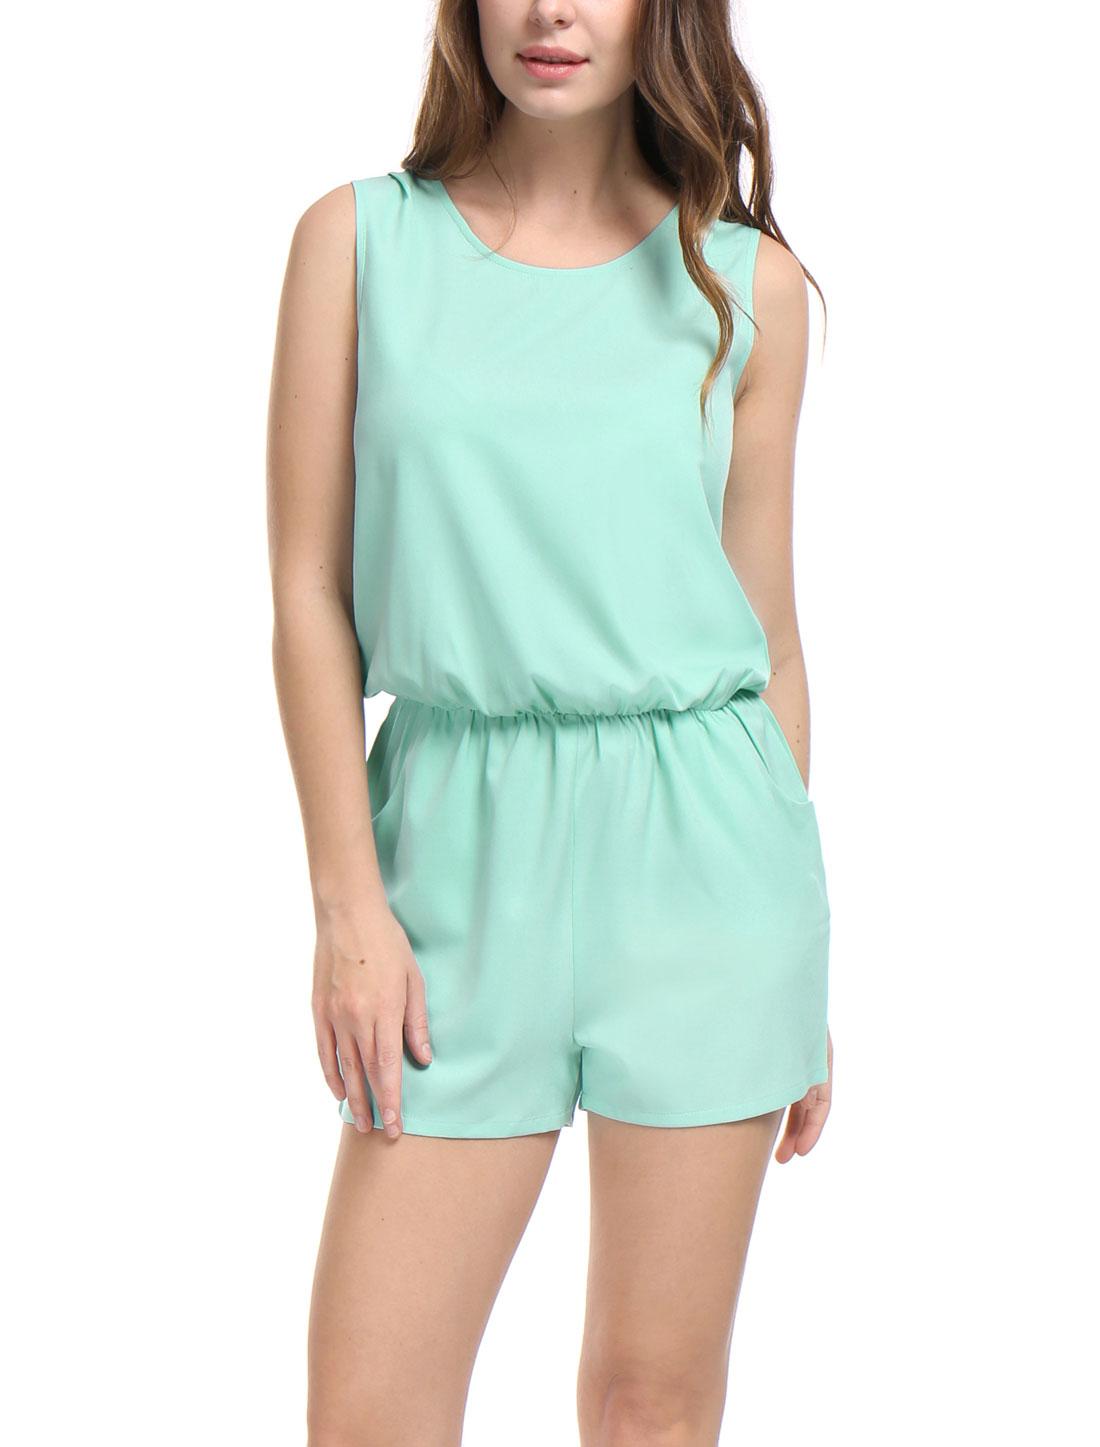 Allegra K Women Sleeveless Cut Out Back Elastic Waist Romper Green XS